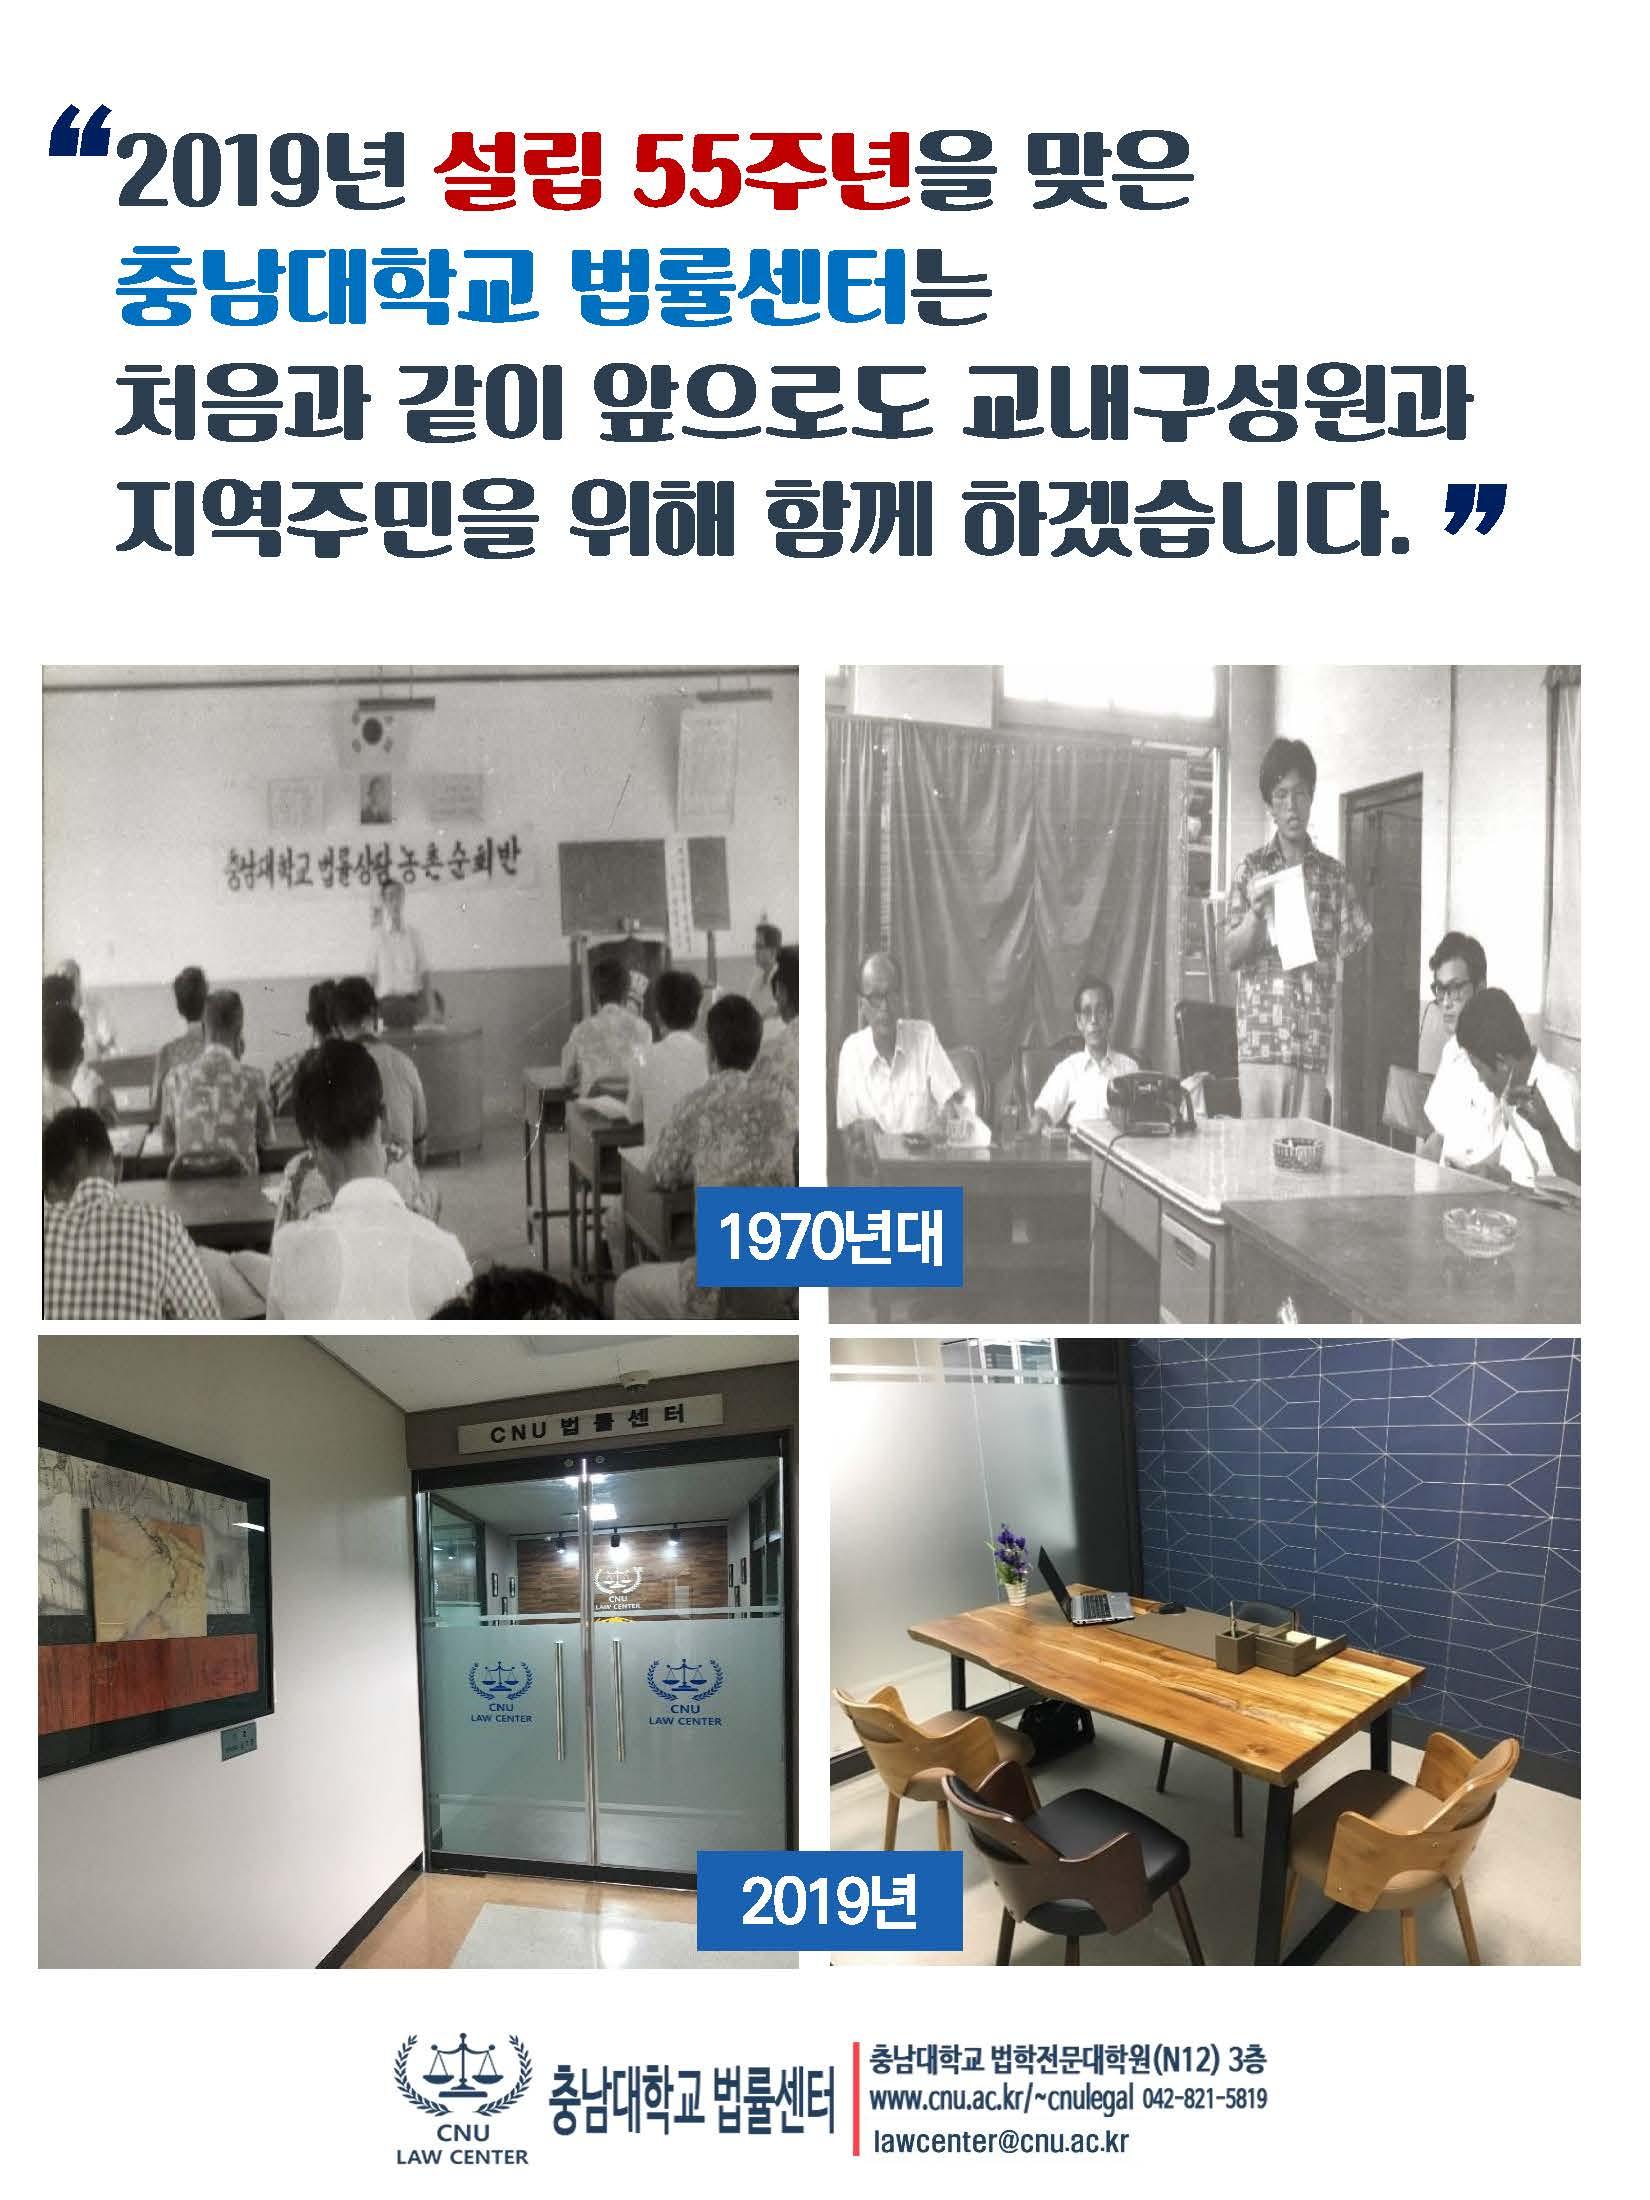 충남대학교 법률센터 홍보자료_페이지_04.jpg